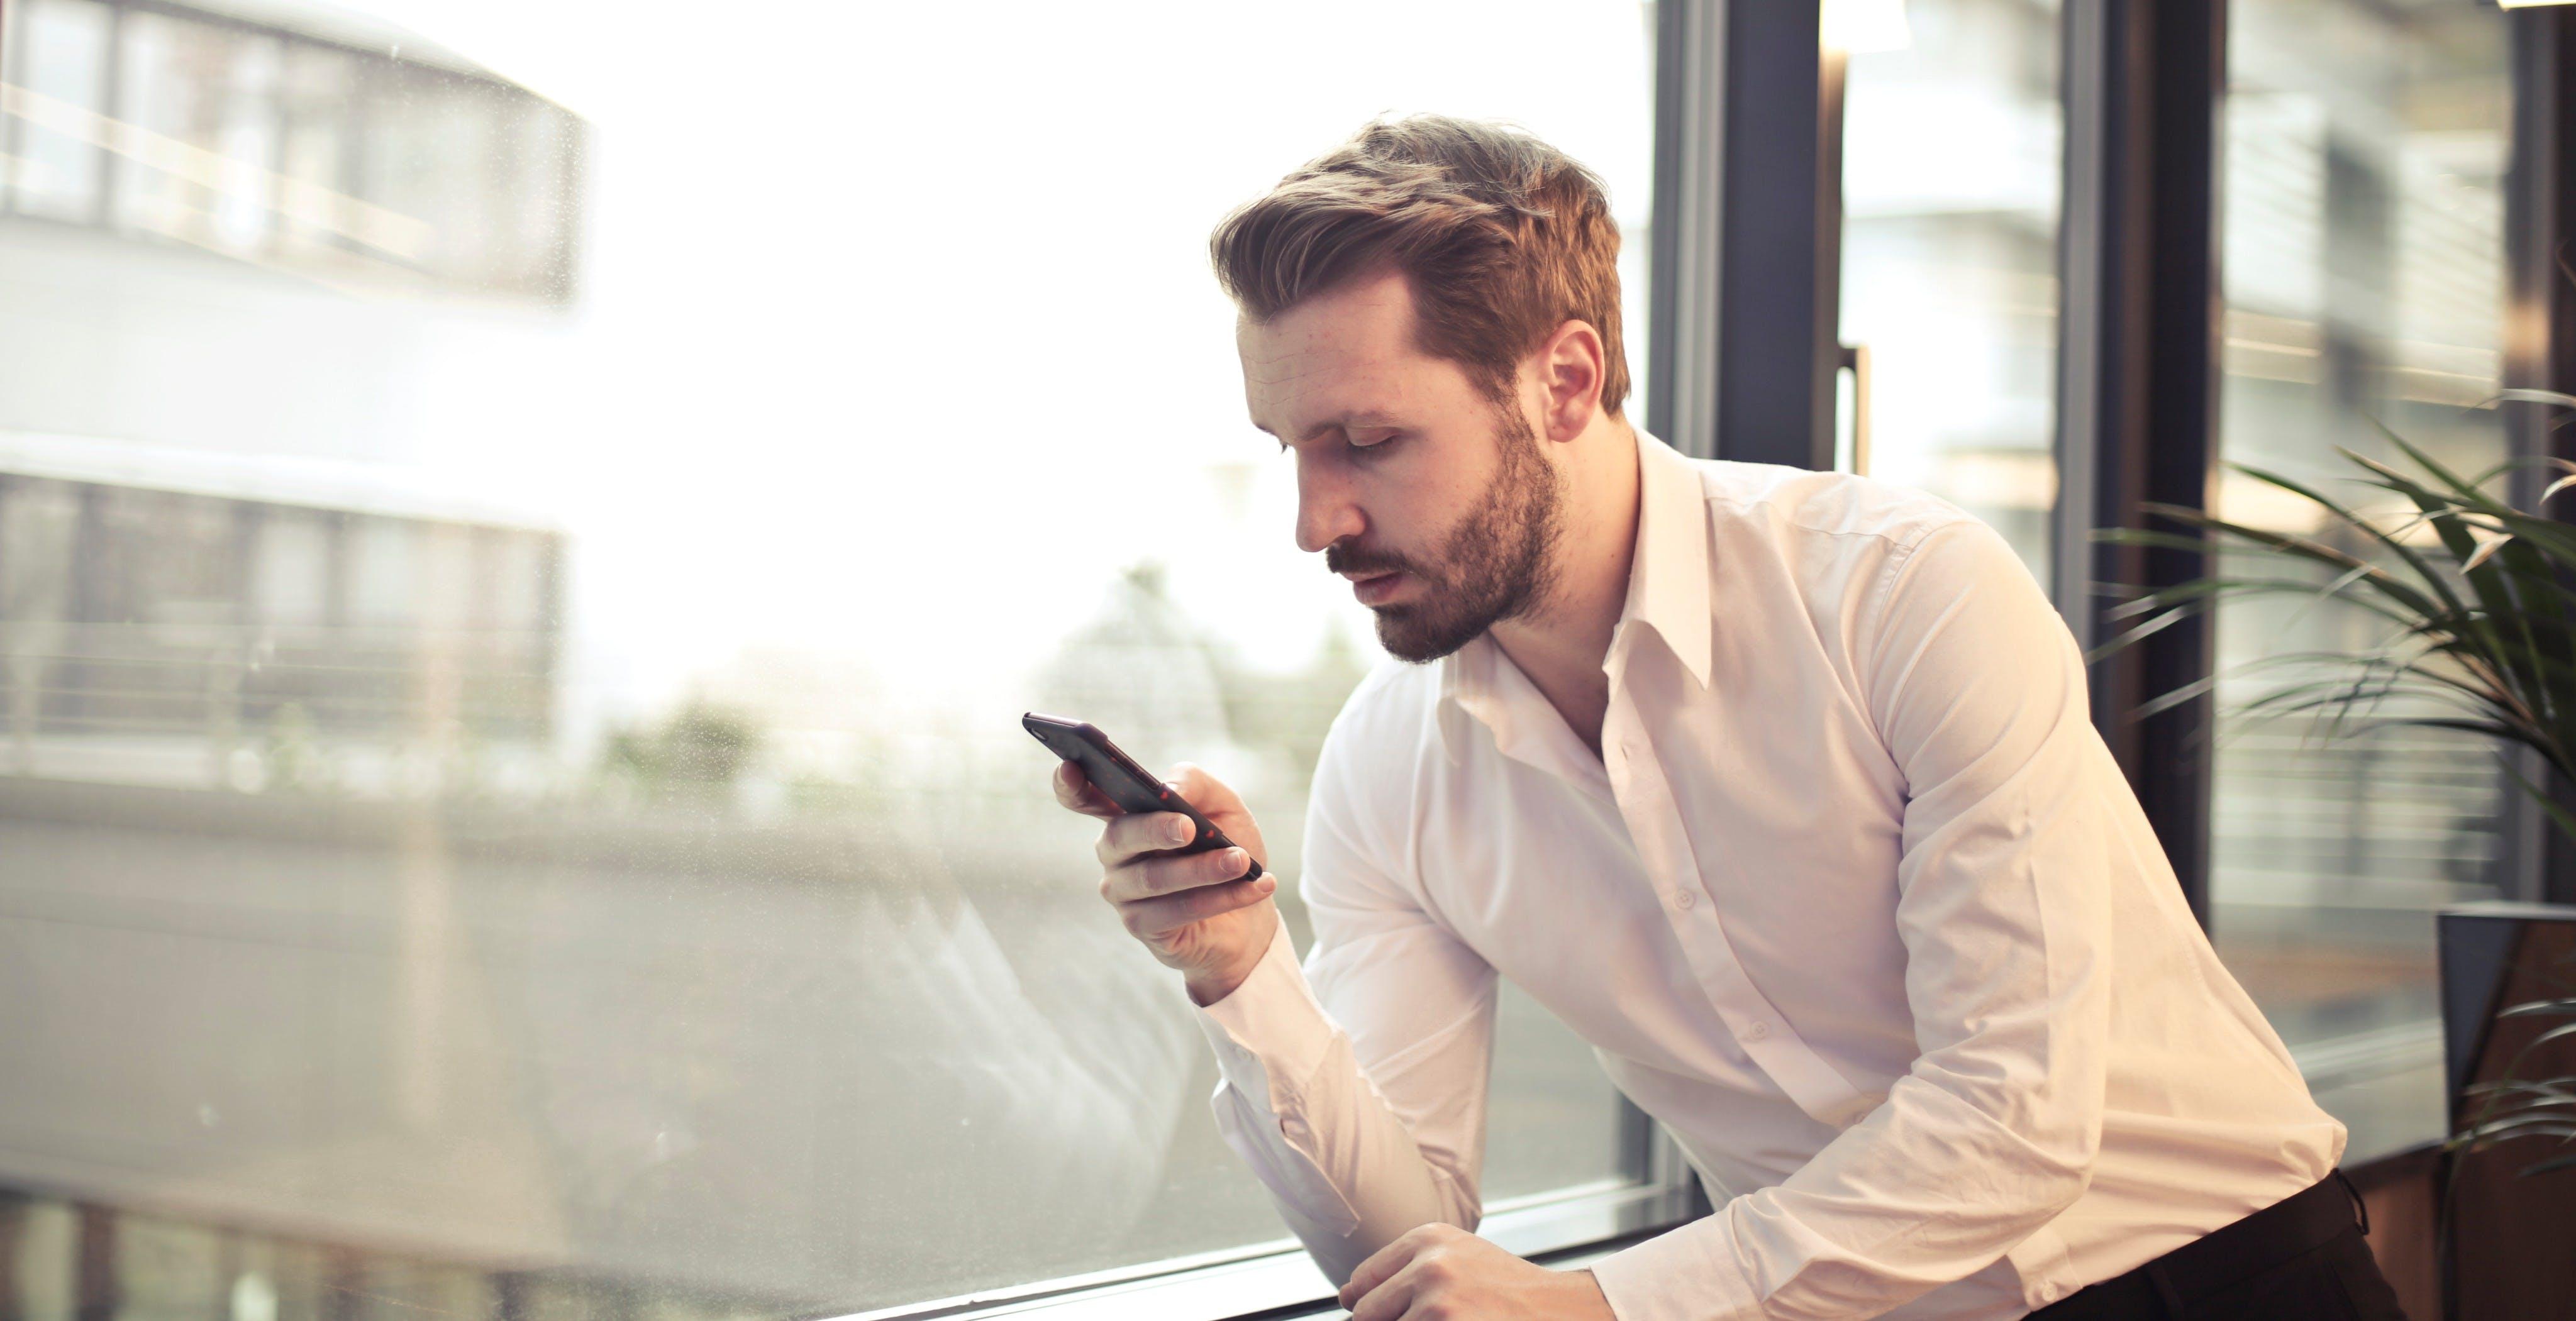 PosteMobile lascia WindTre e ritorna con Vodafone. PostePay sbarca nella fibra ottica: accordo con TIM e Open Fiber